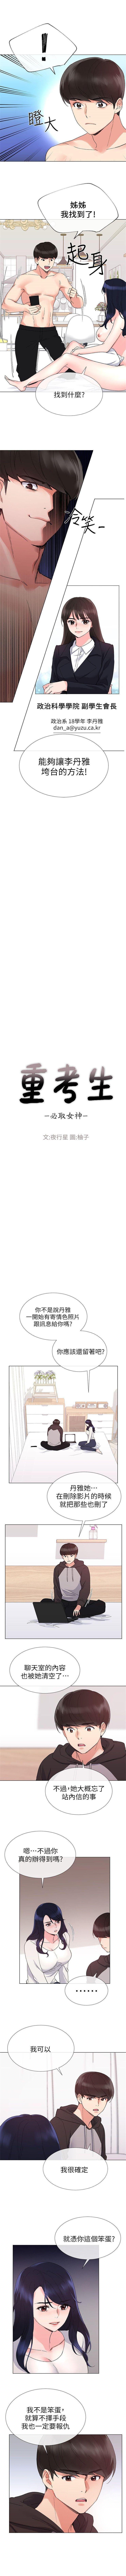 重考生 1-44 中文翻译(更新中) 144